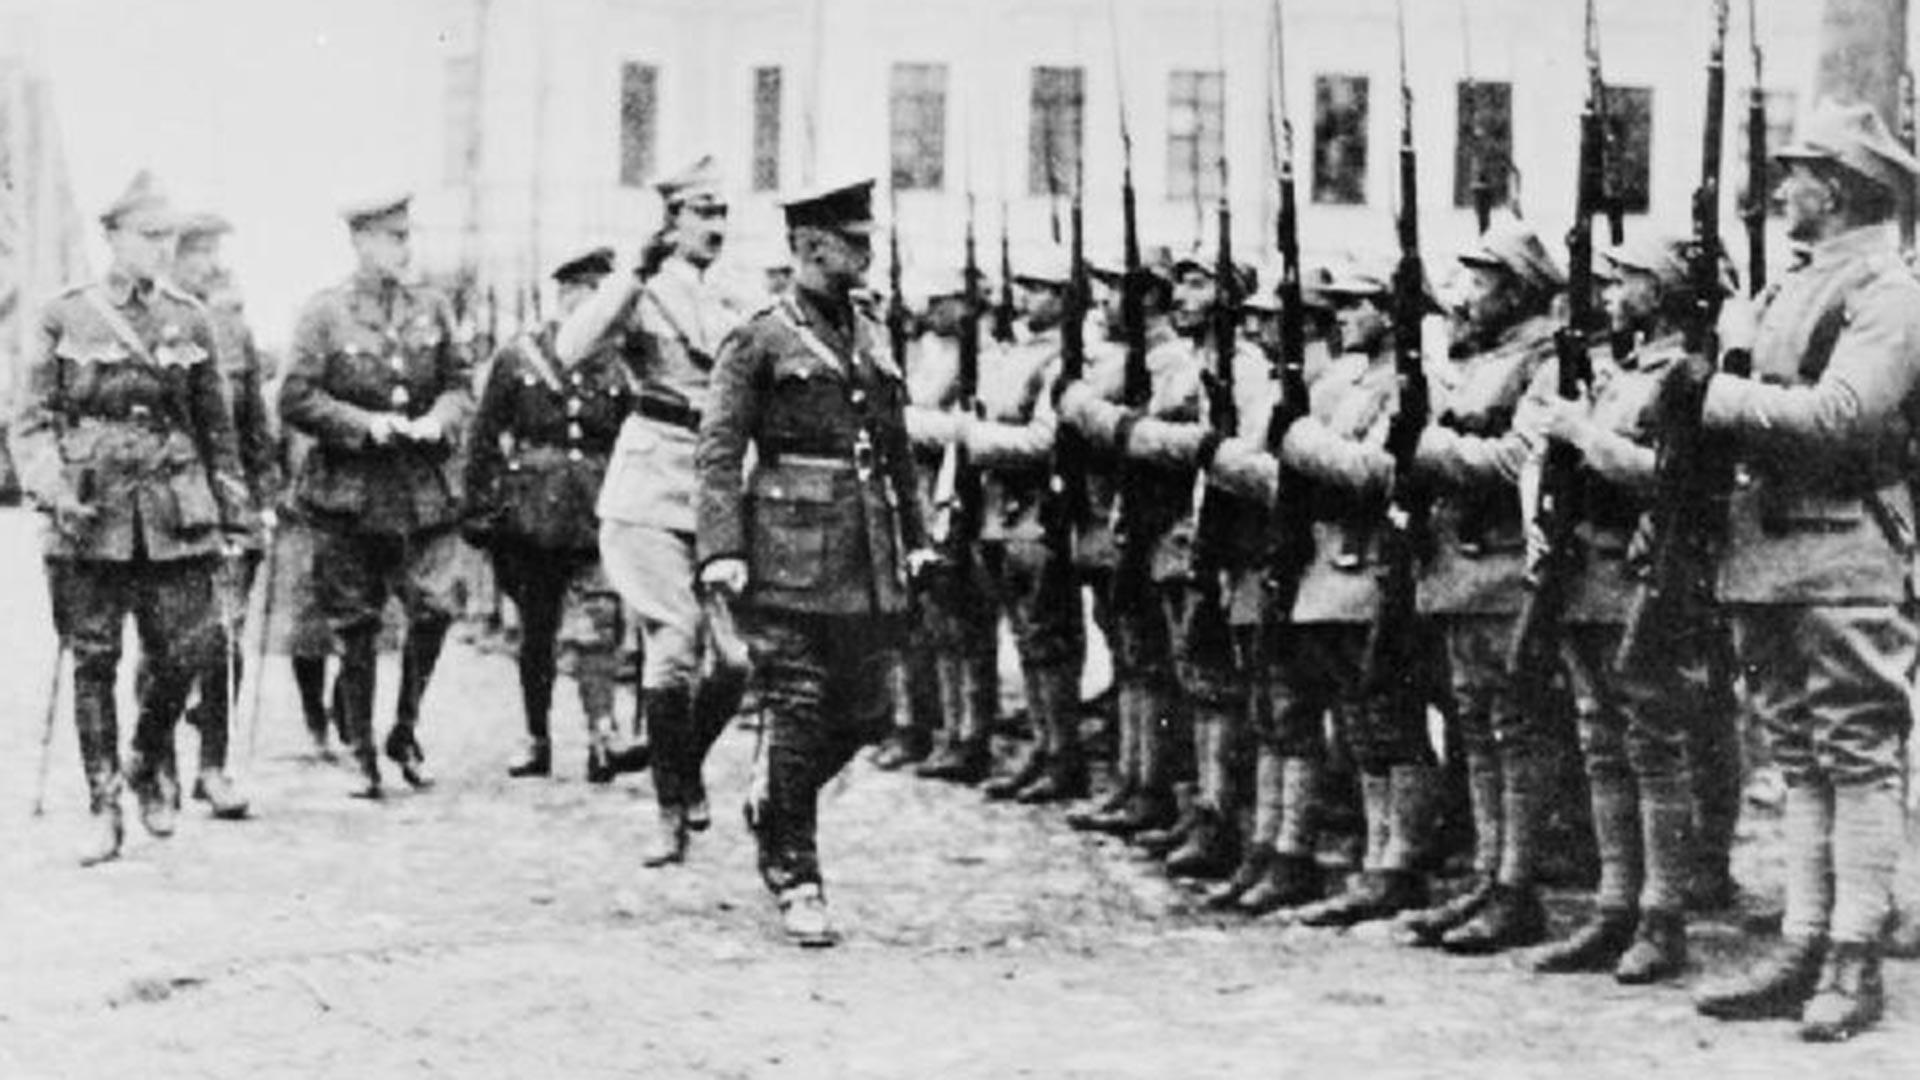 Poljski, engleski i francuski časnici na smotri odreda poljskih trupa takozvanog Murmanskog bataljuna prije slanja na front, Arhangelsk, 1919.